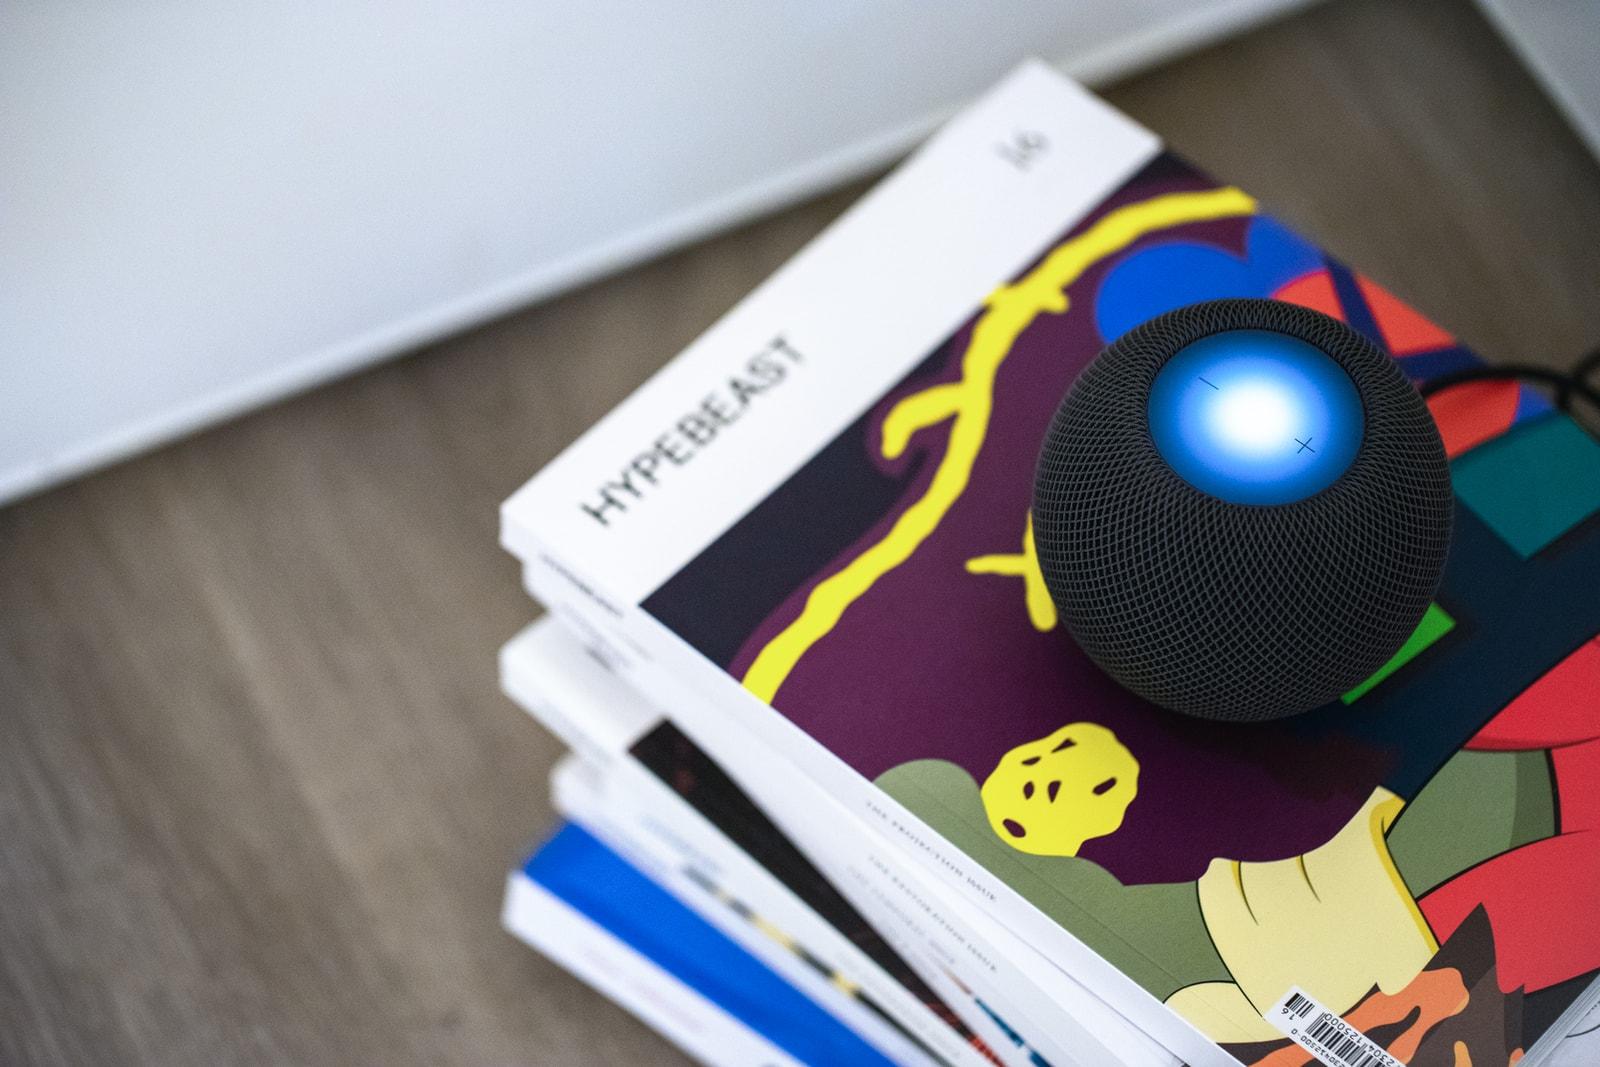 麻雀雖小?HYPEBEAST 實測全新 HomePod mini 智能揚聲器